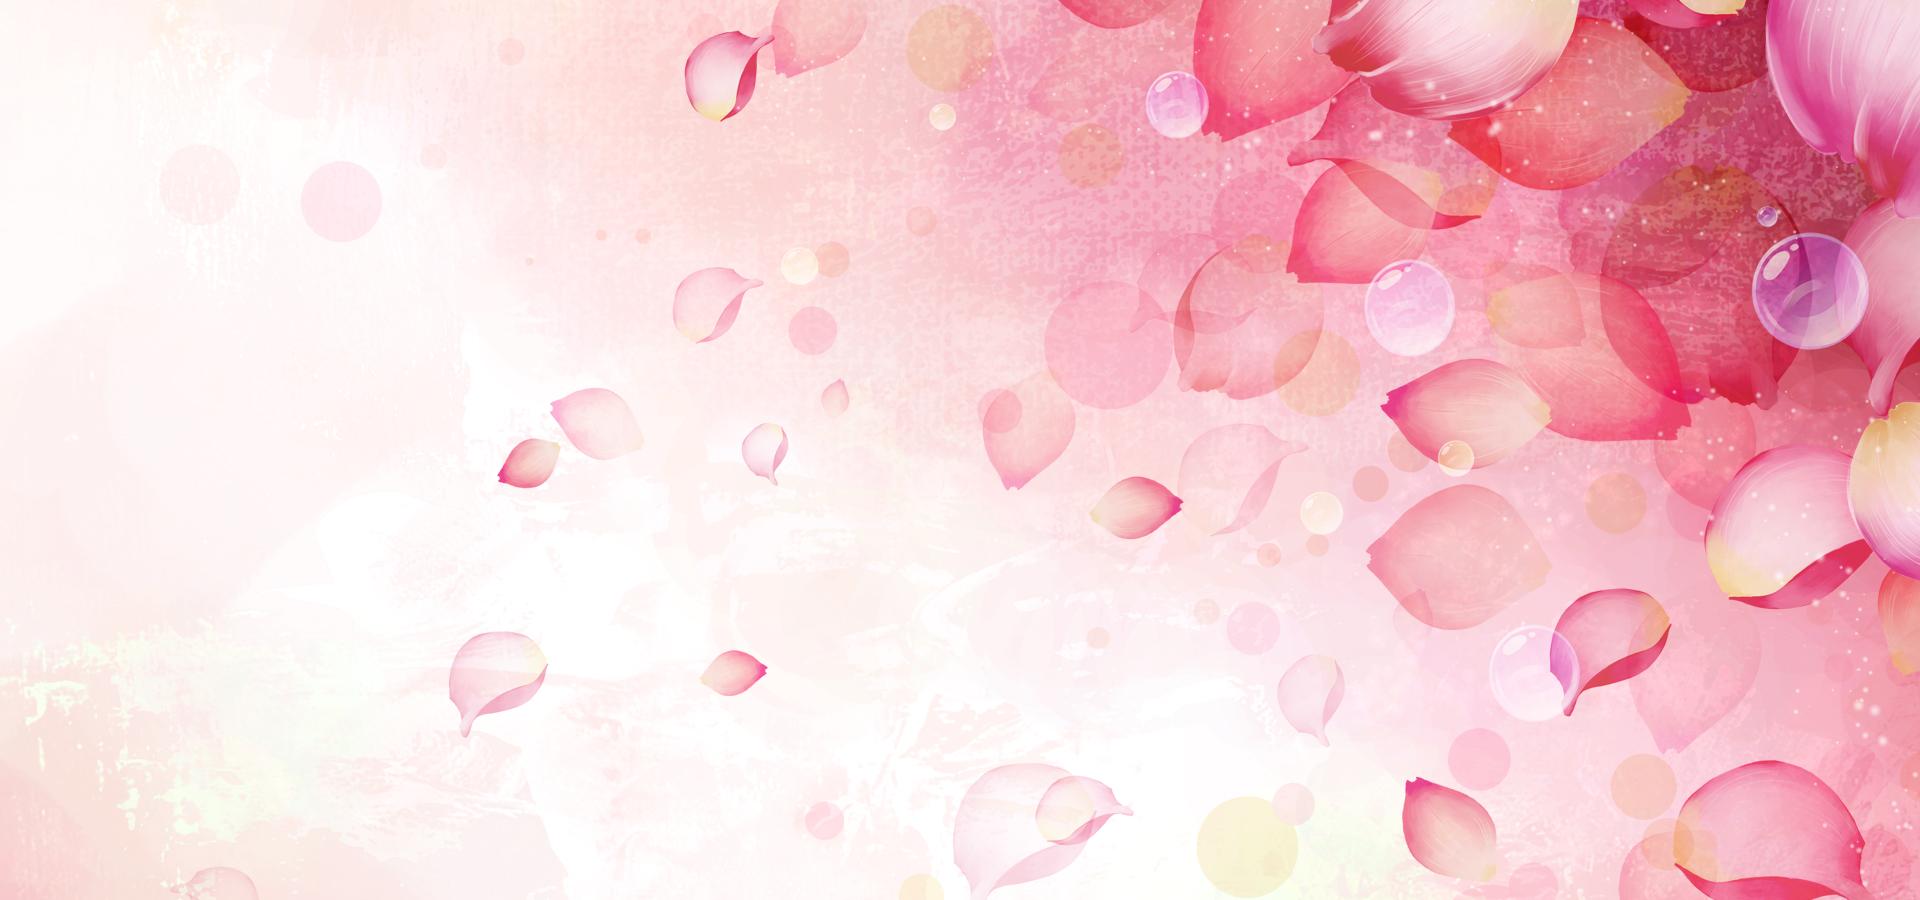 Diseño Arte Patrón Fondos De Pantalla Antecedentes: Diseño Patrón Fondos De Pantalla Pink Antecedentes Polka